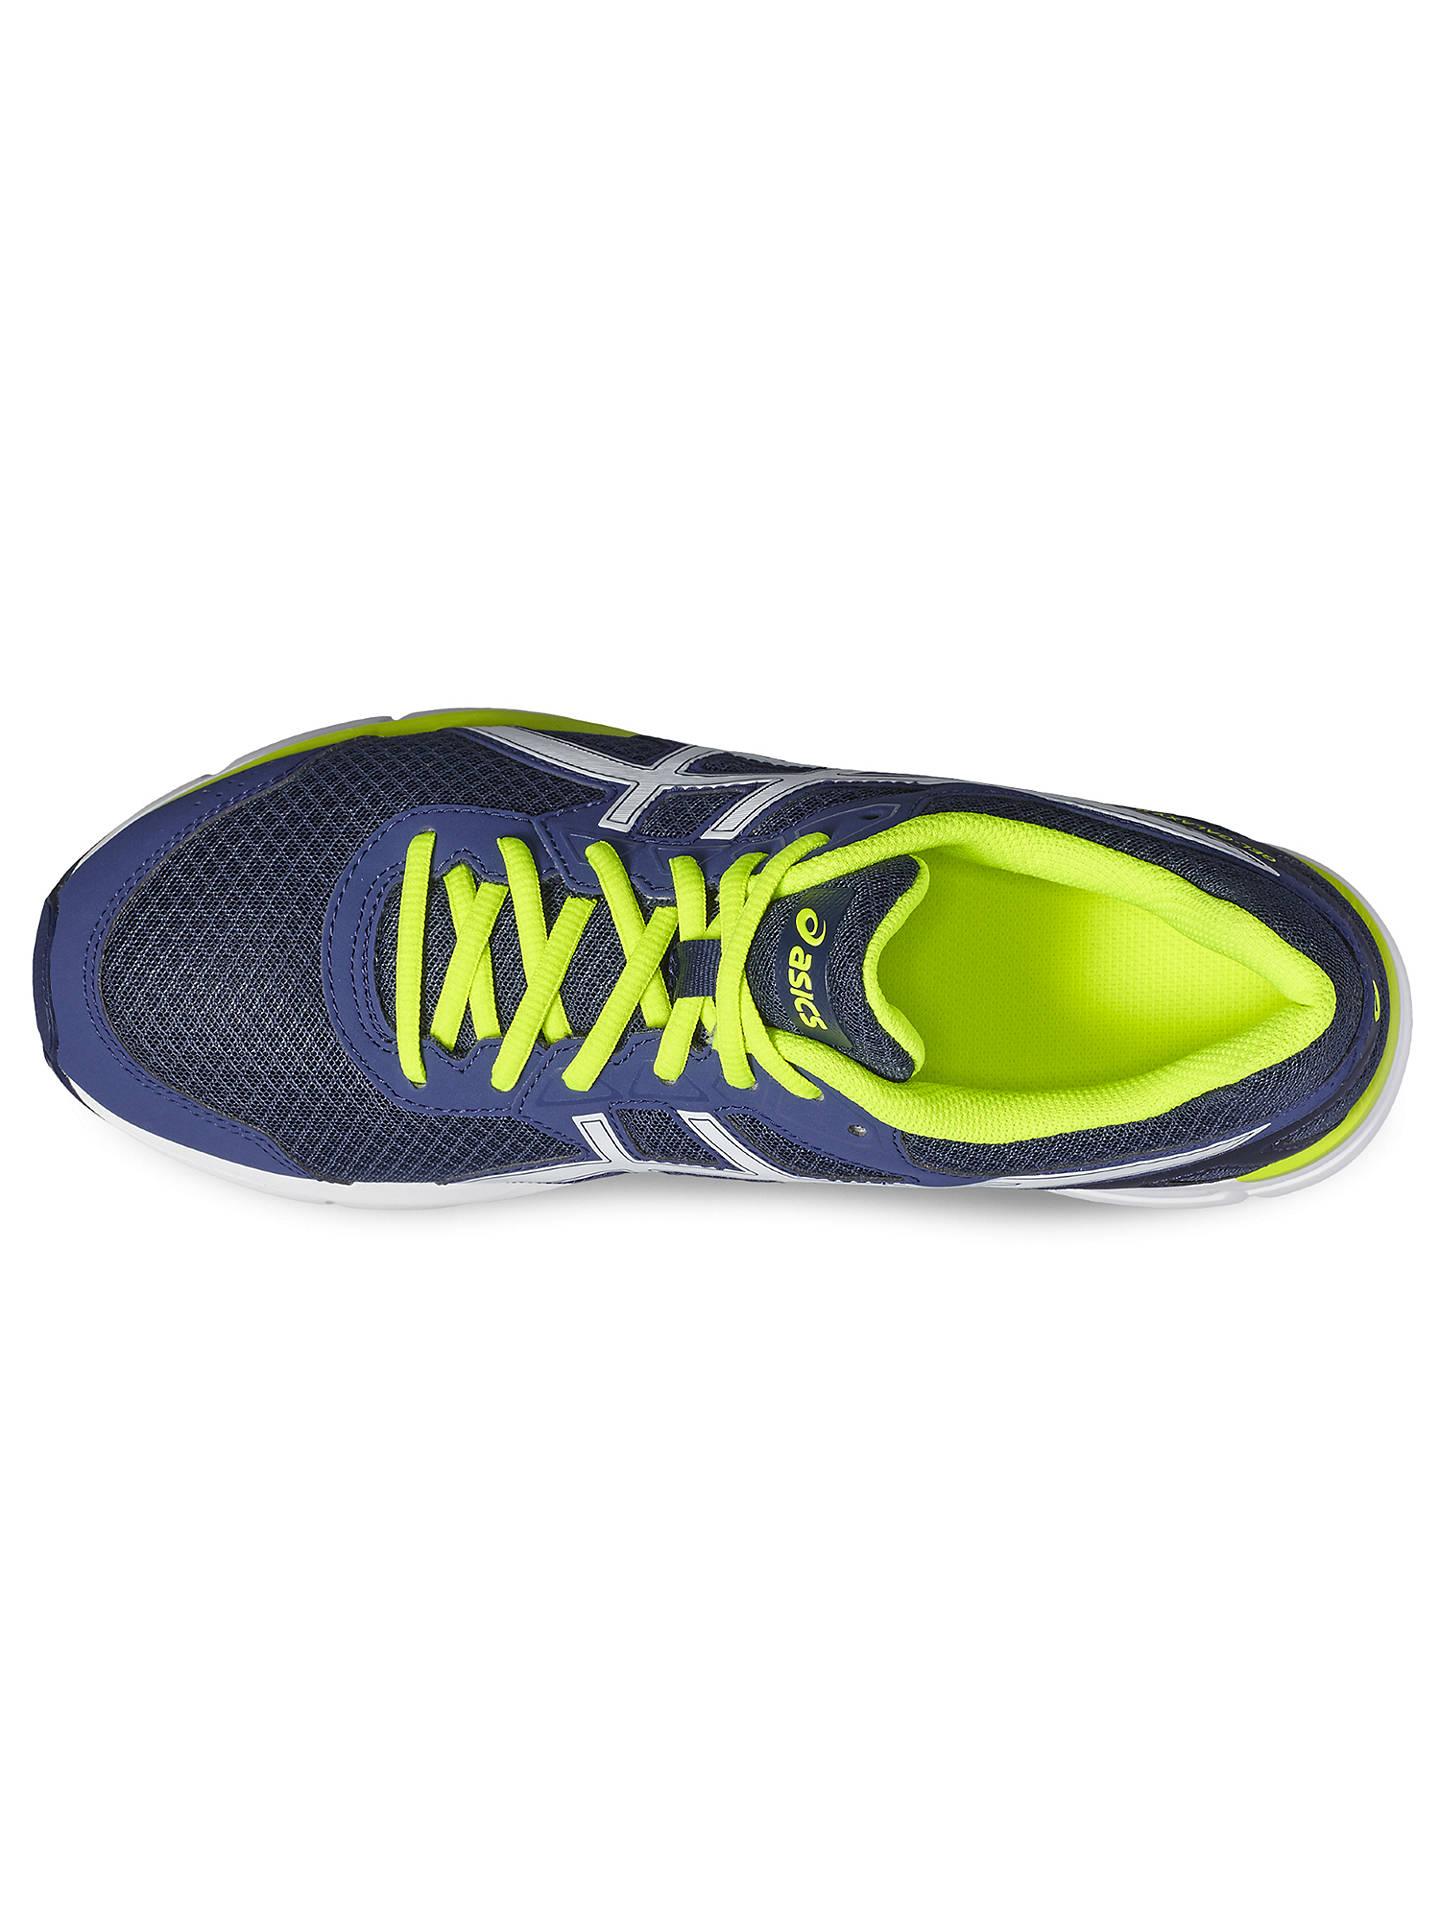 Running At Galaxy Shoes Asics Gel John Bluewhite 9 Lewis Men's wvIwB0q7